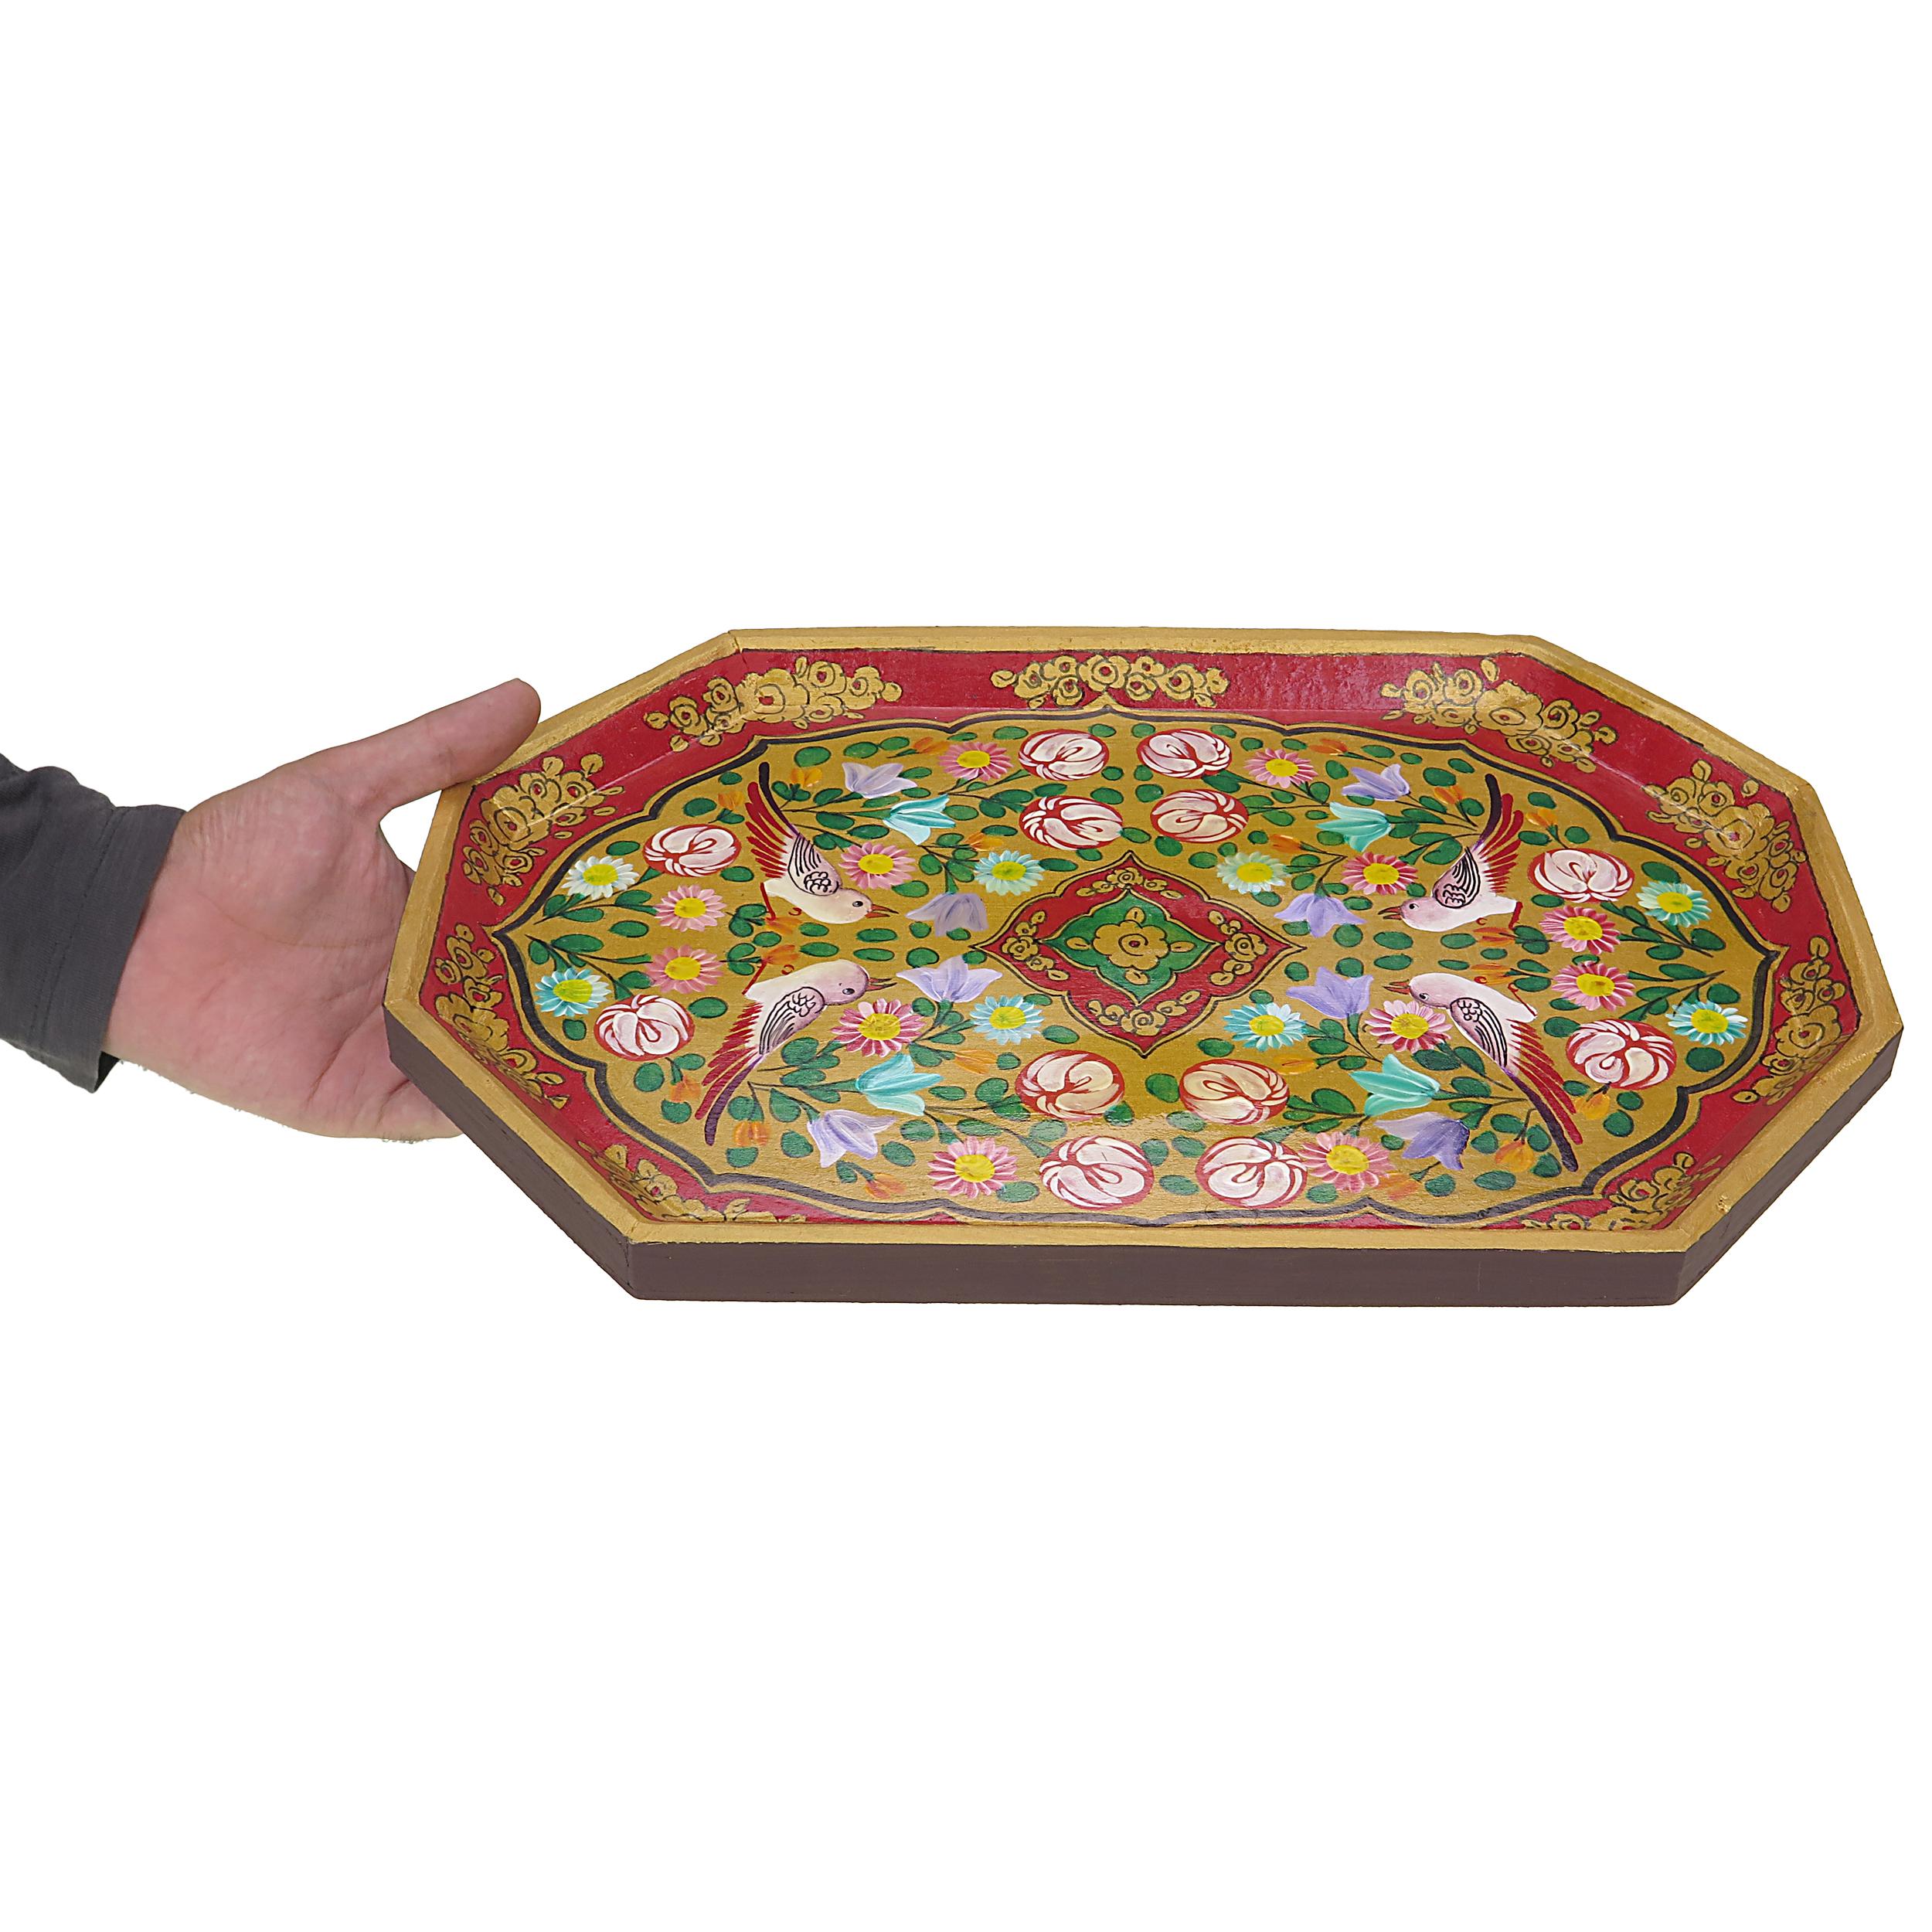 خرید                        سینی چوبی طرح گل و مرغ مدل srmd7